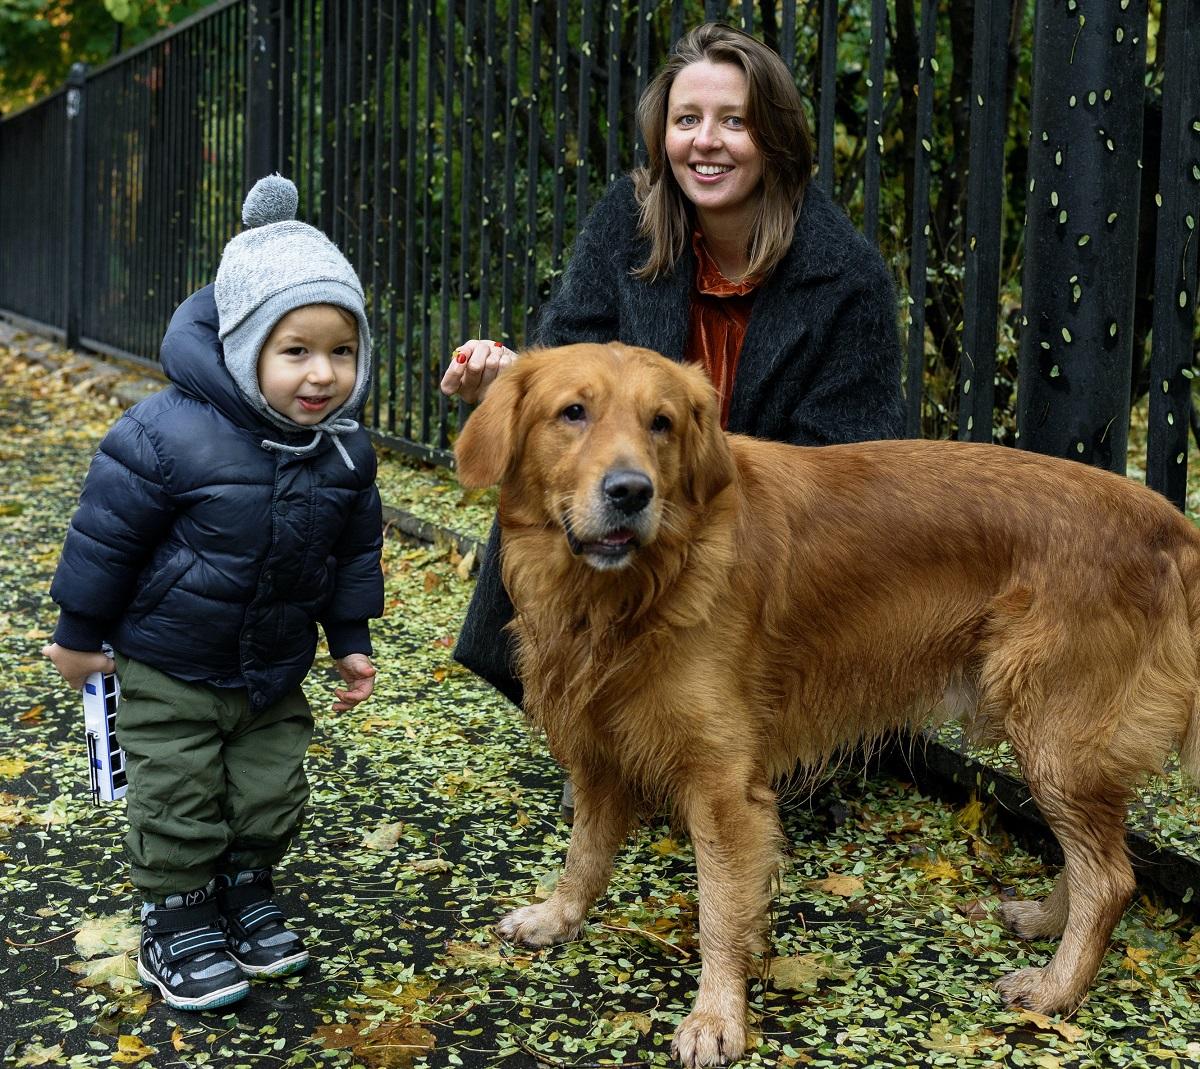 Supervise children when around dogs